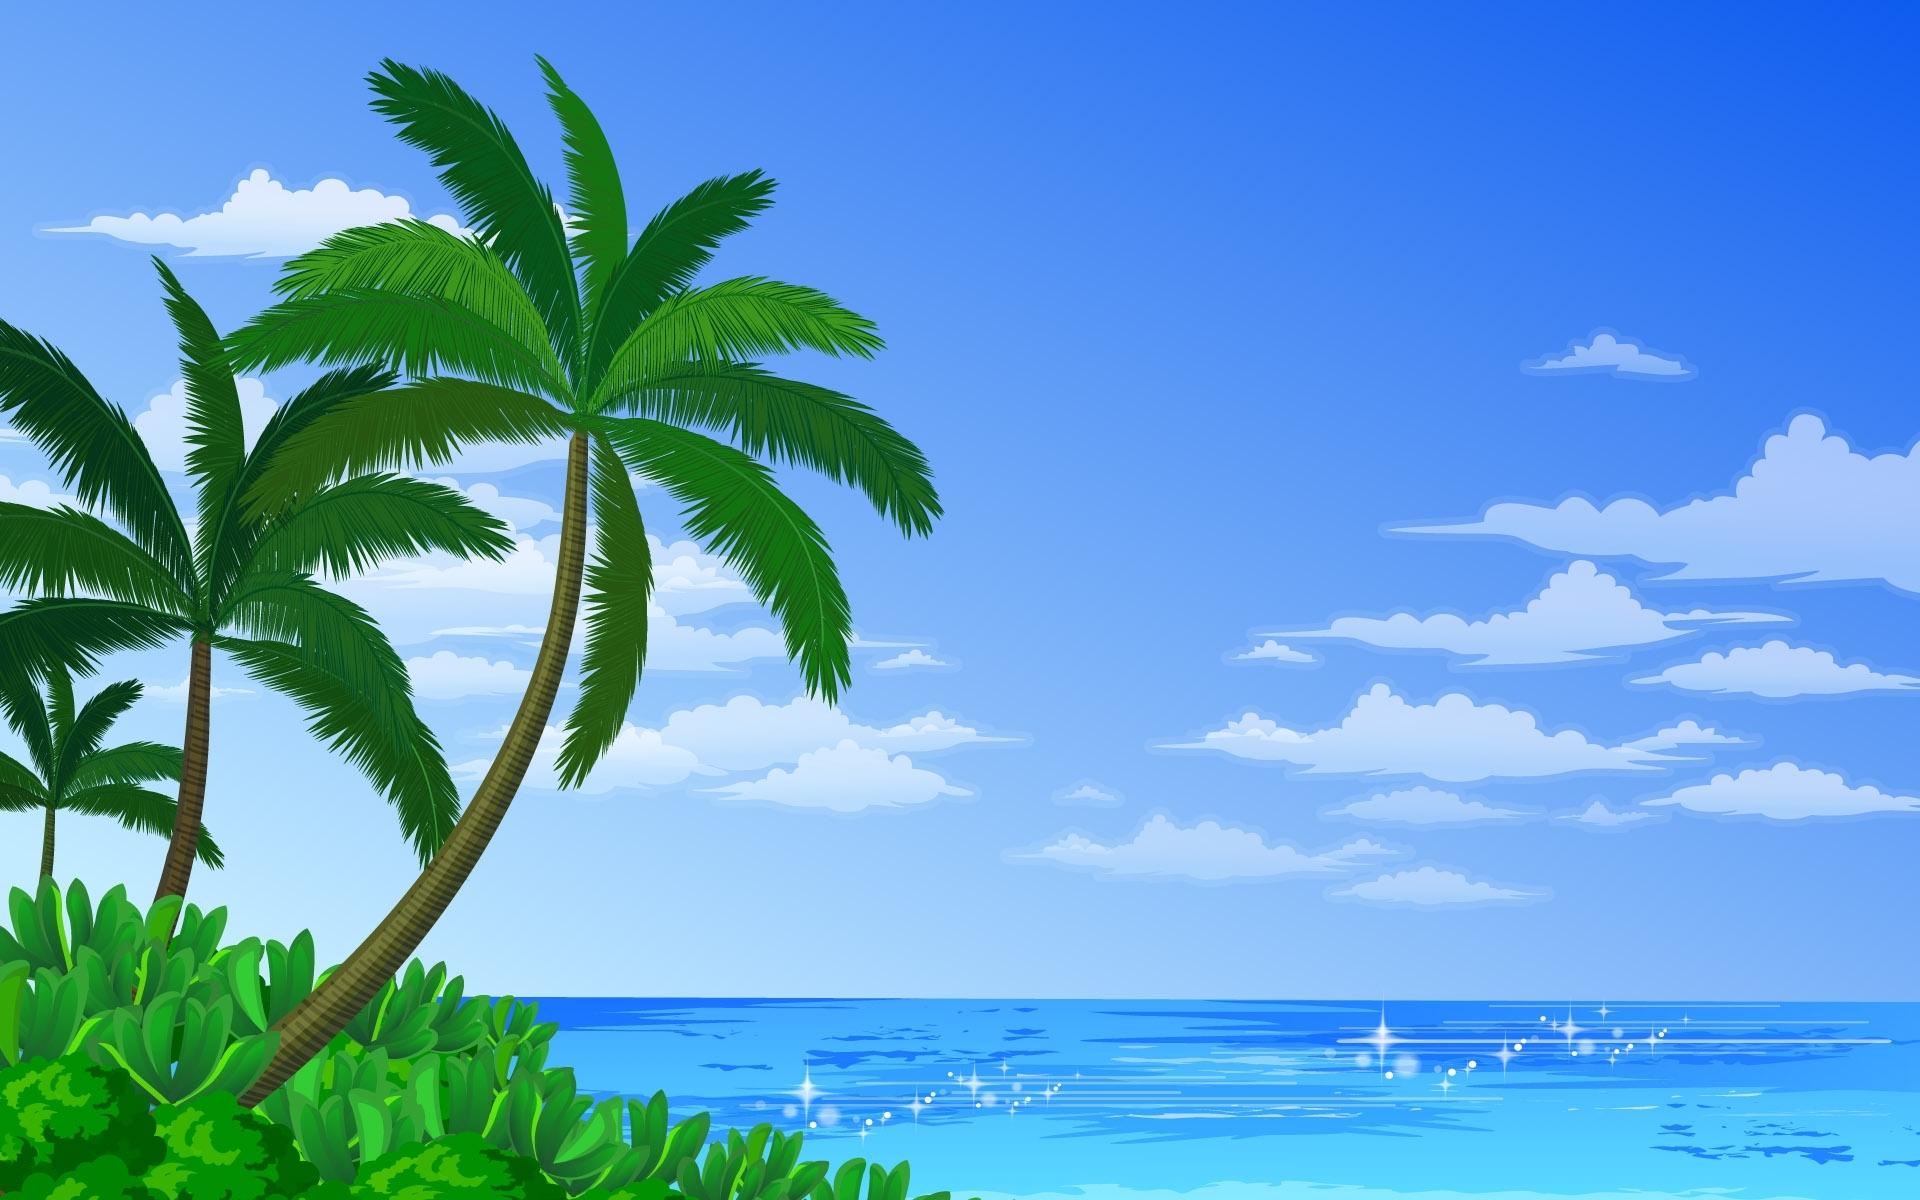 593 скачать обои Пейзаж, Вода, Небо, Море, Пальмы, Рисунки - заставки и картинки бесплатно